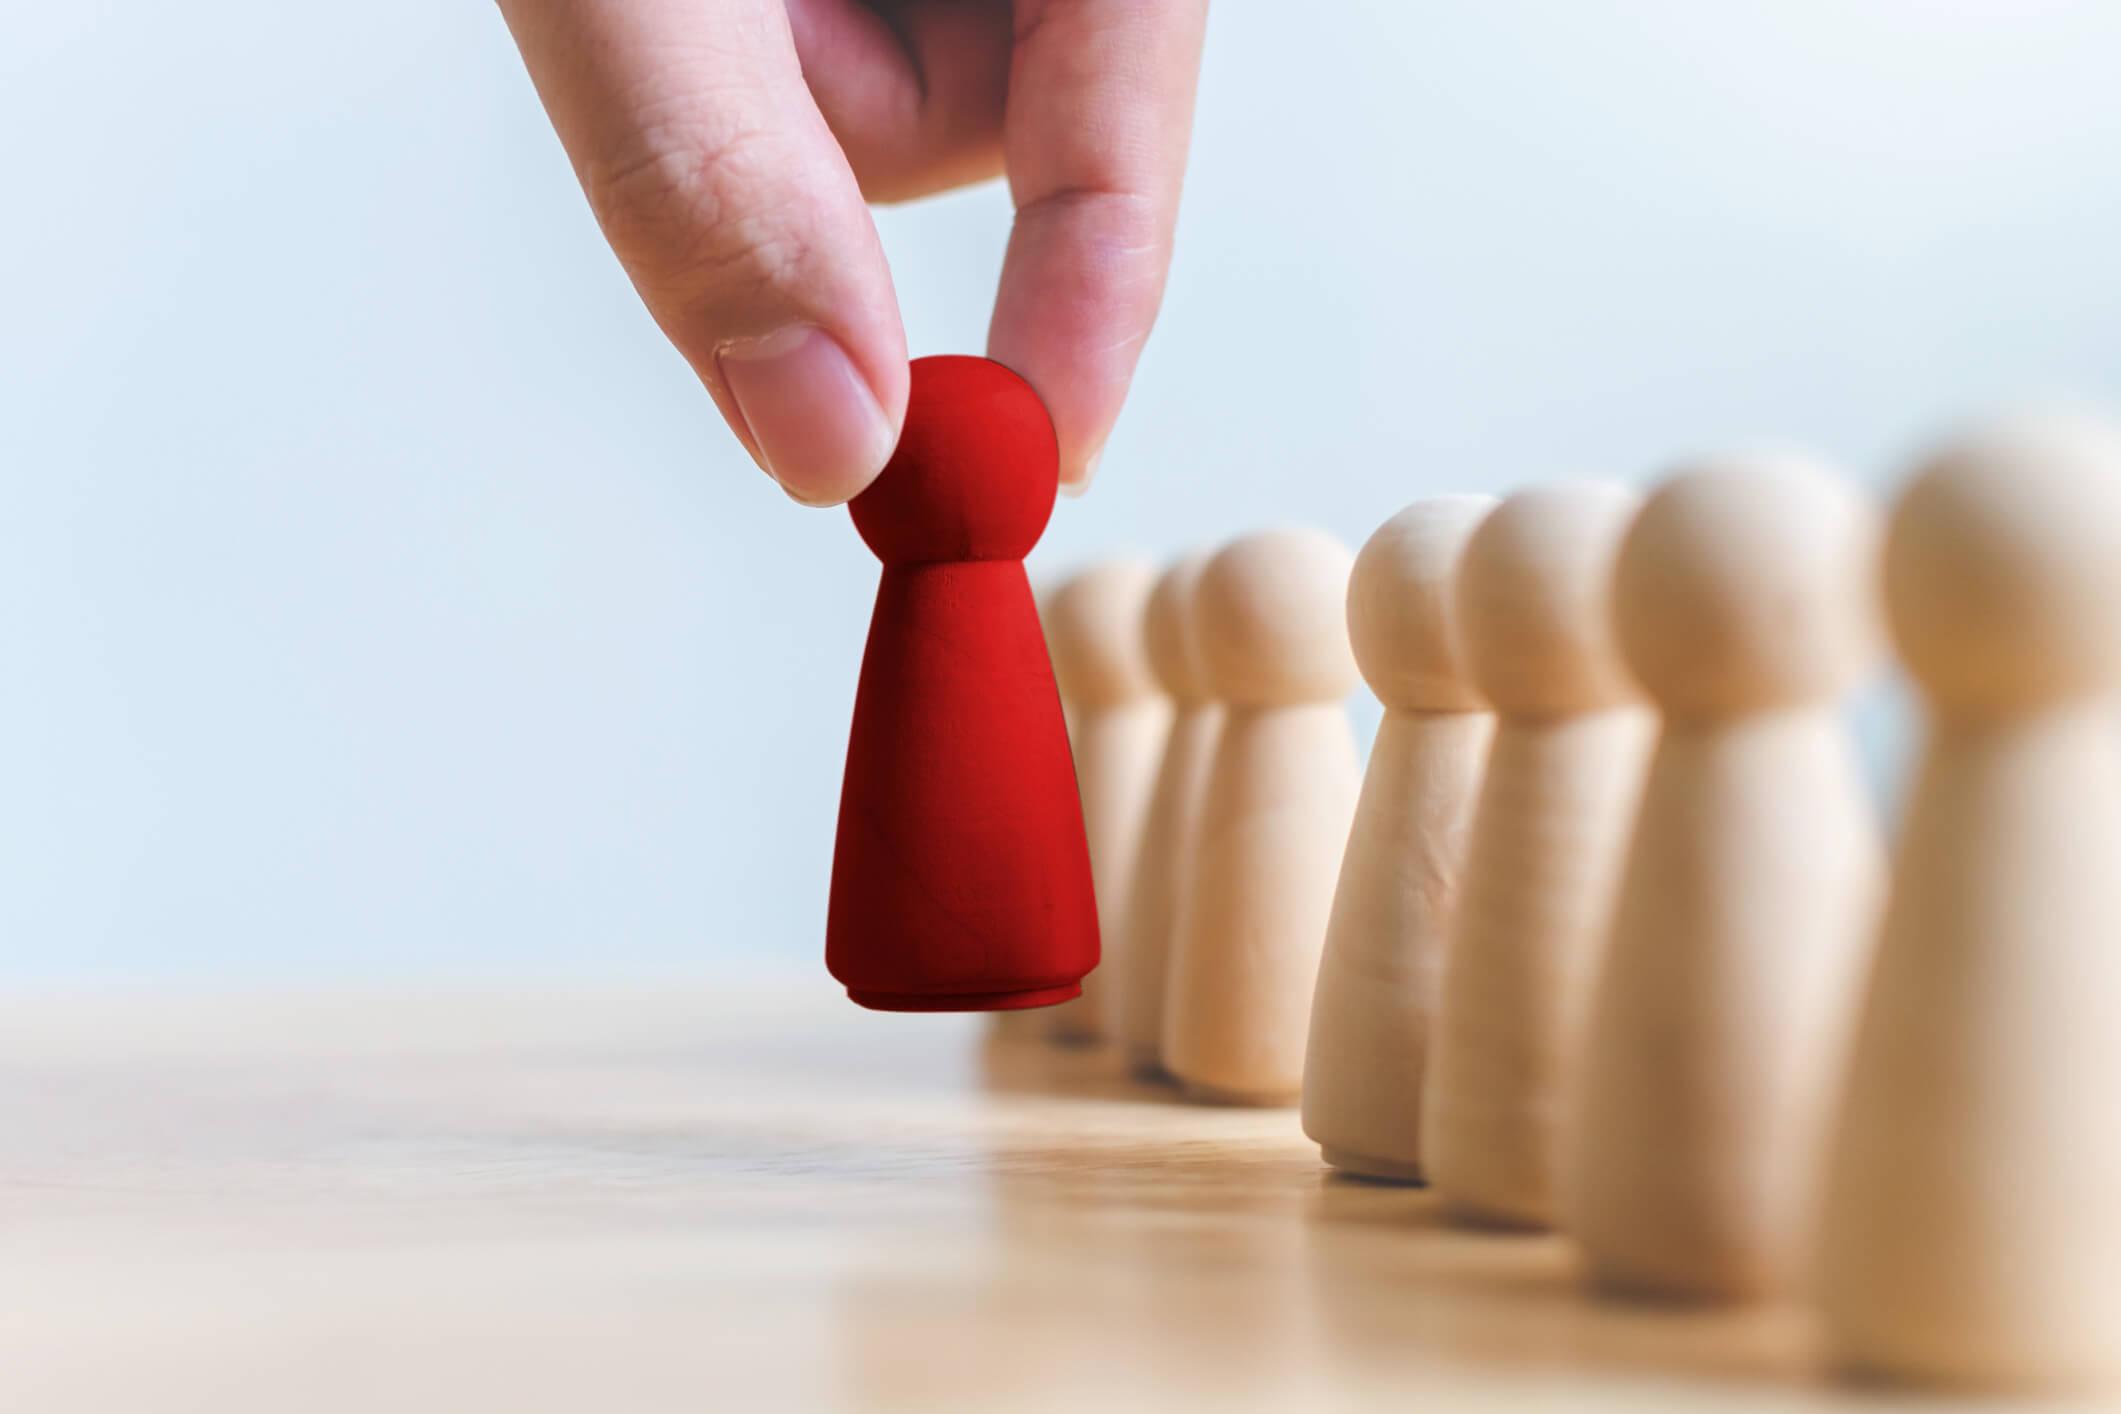 Farbige Schachfigur wird von einer Hand genommen